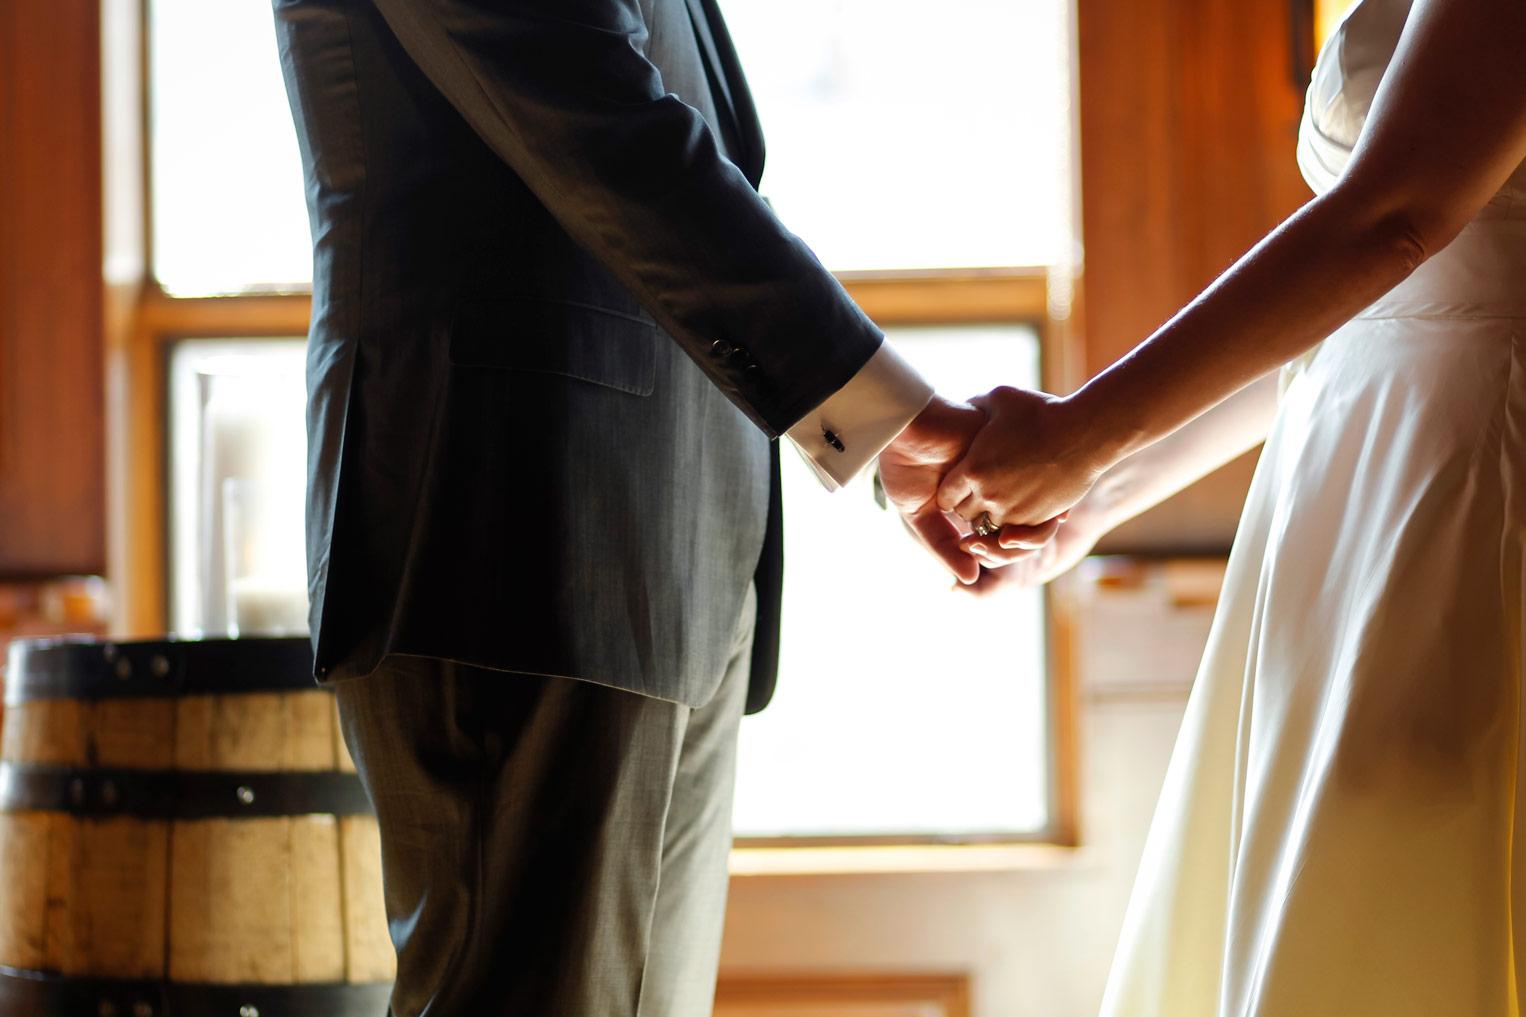 revolution-brewing-chicago-blackhawks-wedding-ruthie-hauge-photography-41.jpg